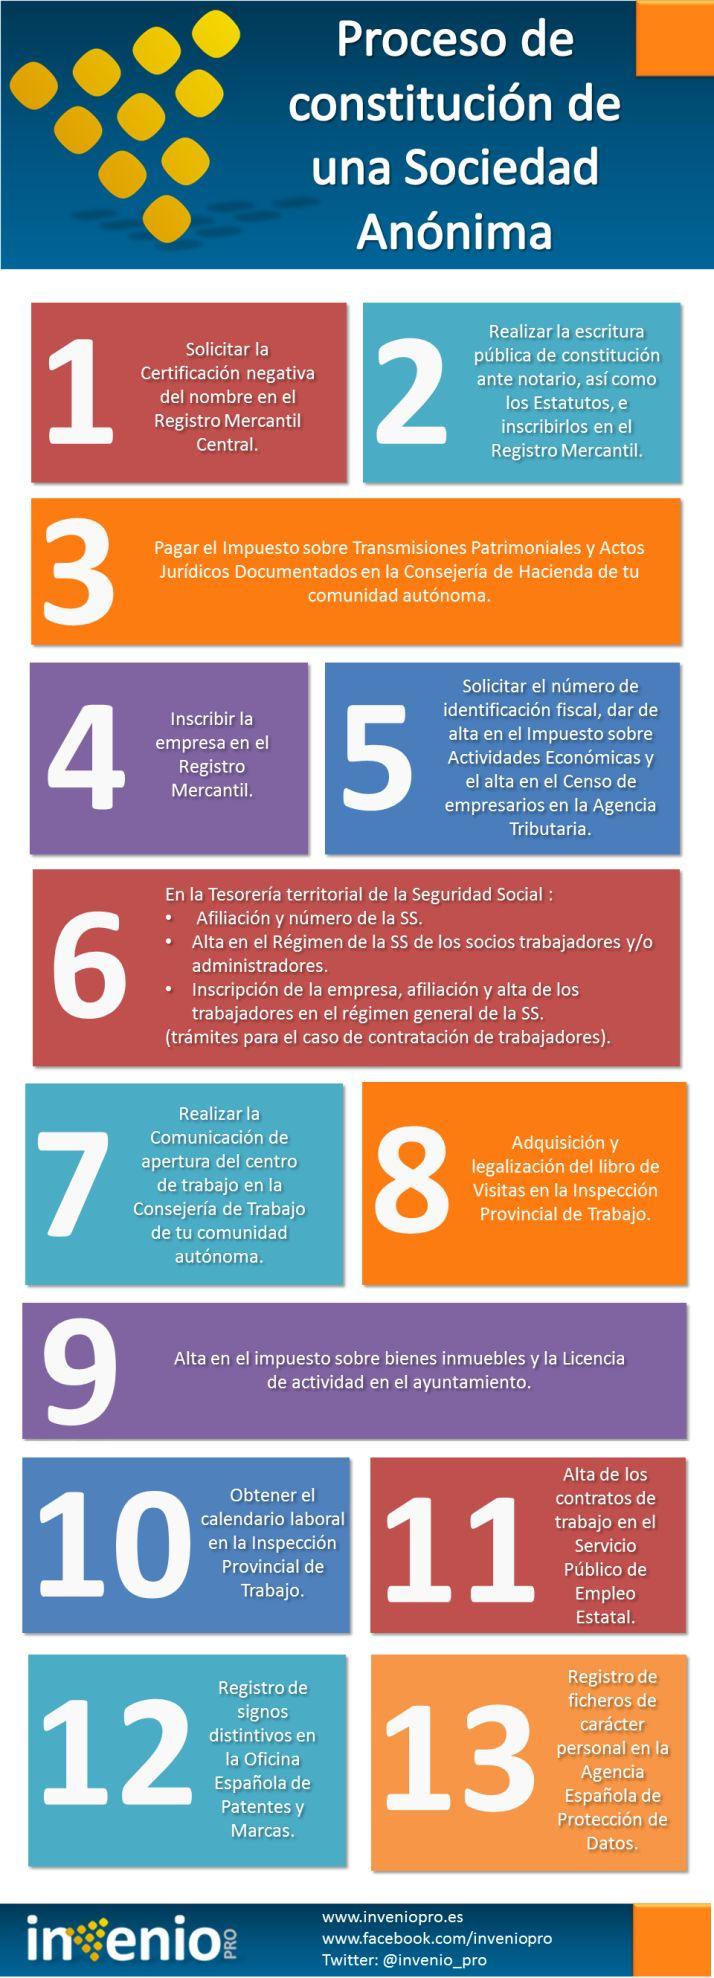 Proceso para constituir una Sociedad Anónima #infografia #infographic #entrepreneurship